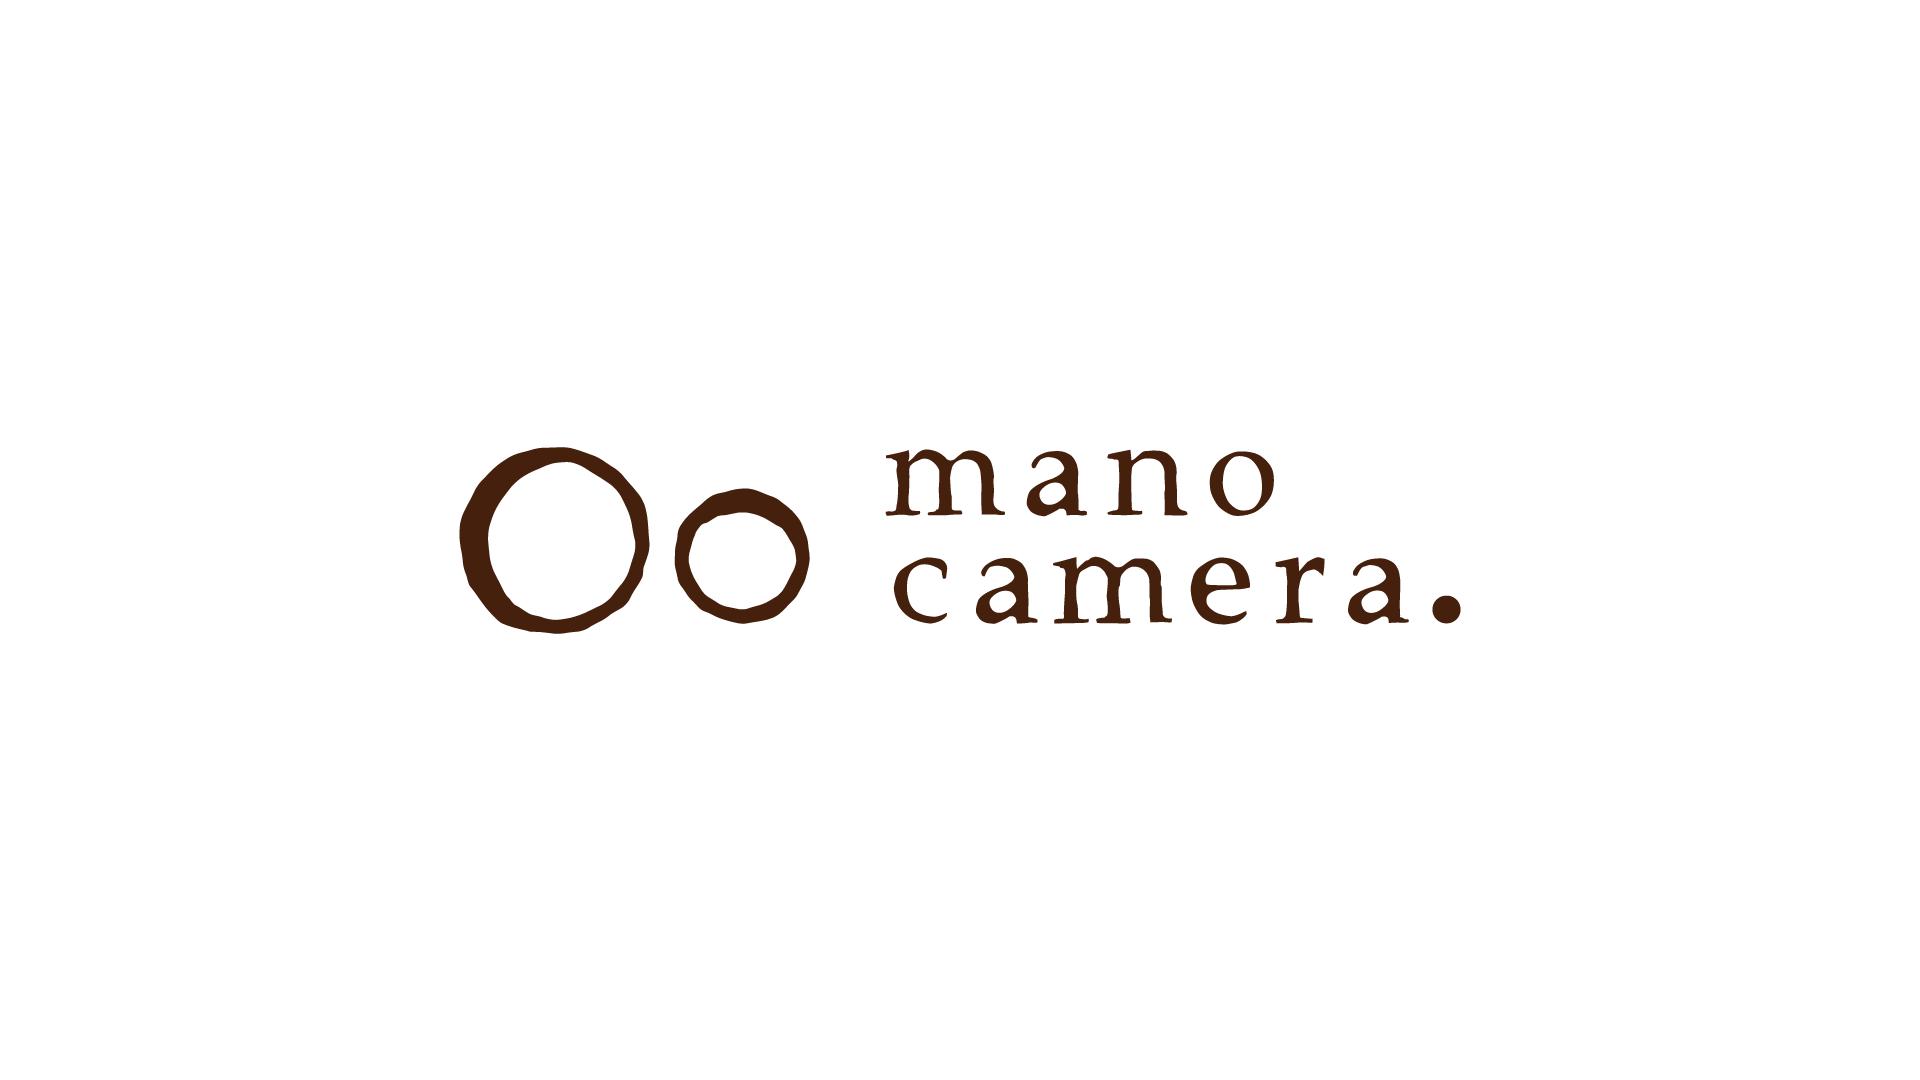 マークで親子を伝える。カメラマンmano camera.のロゴデザイン